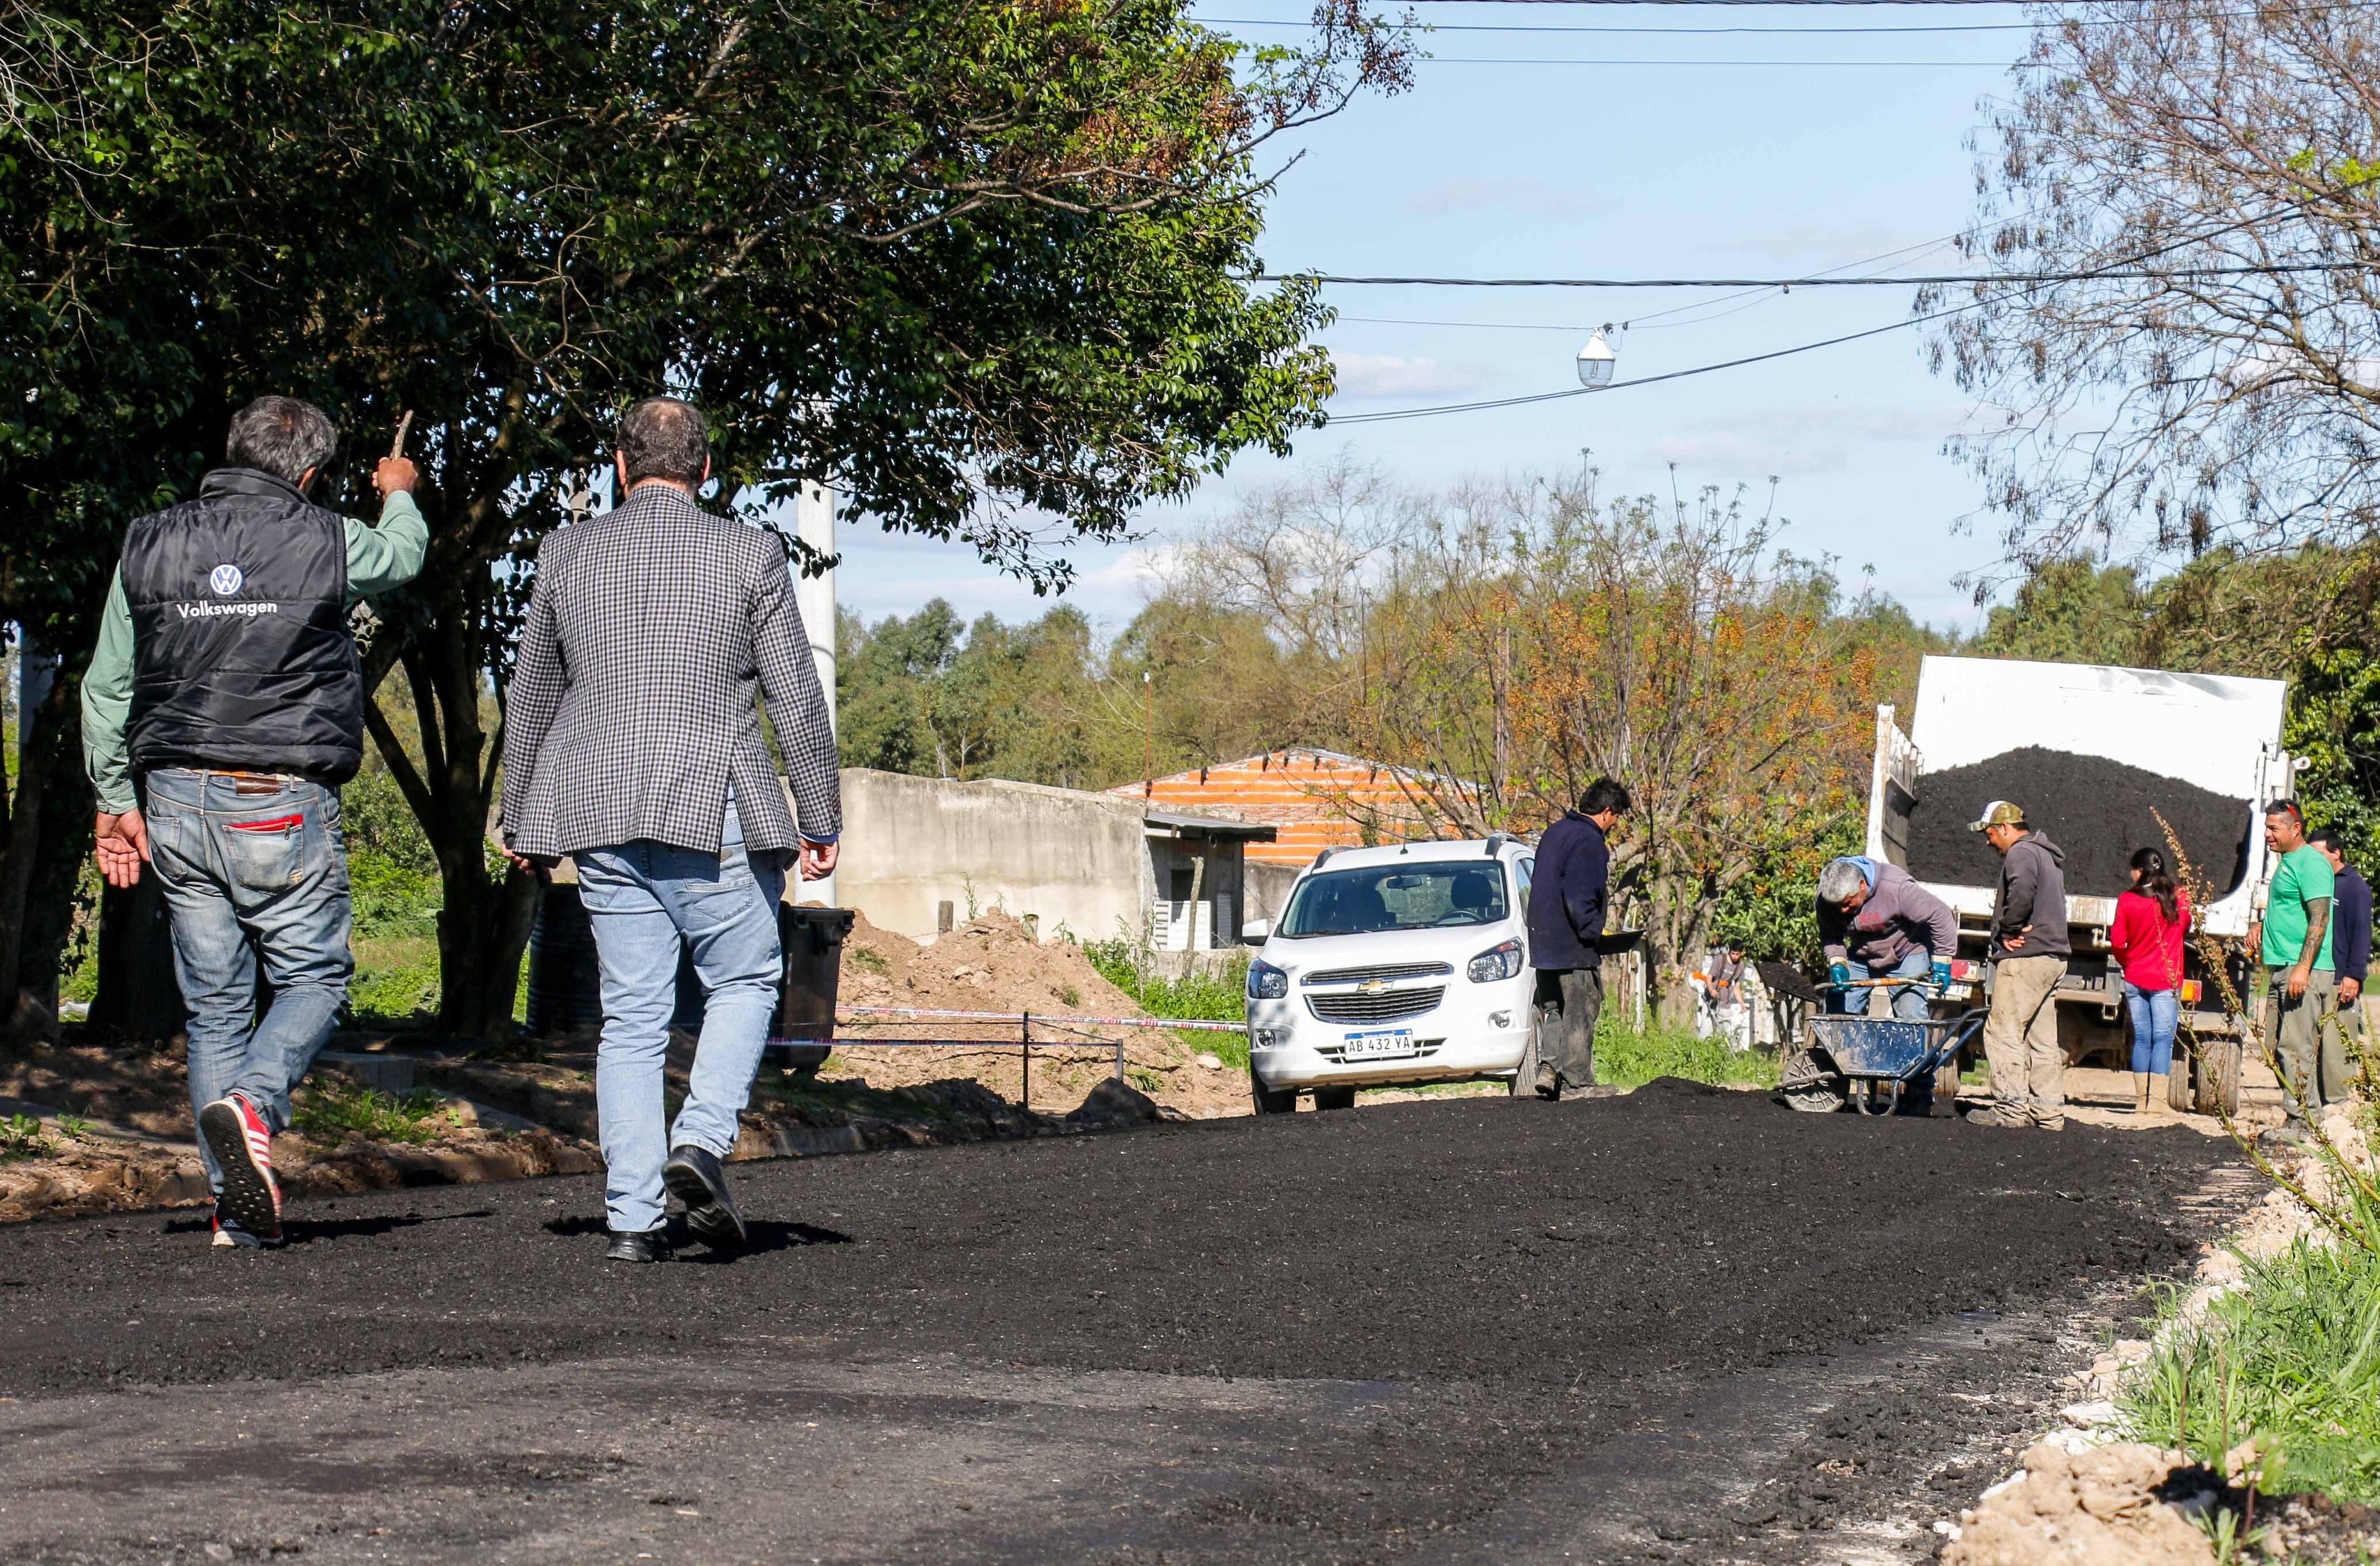 EI intendente Mauro David Poletti estuvo recorriendo las calles del Barrio Avellaneda observando todo el trabajo que se está realizando en relación a la obra de asfalto.